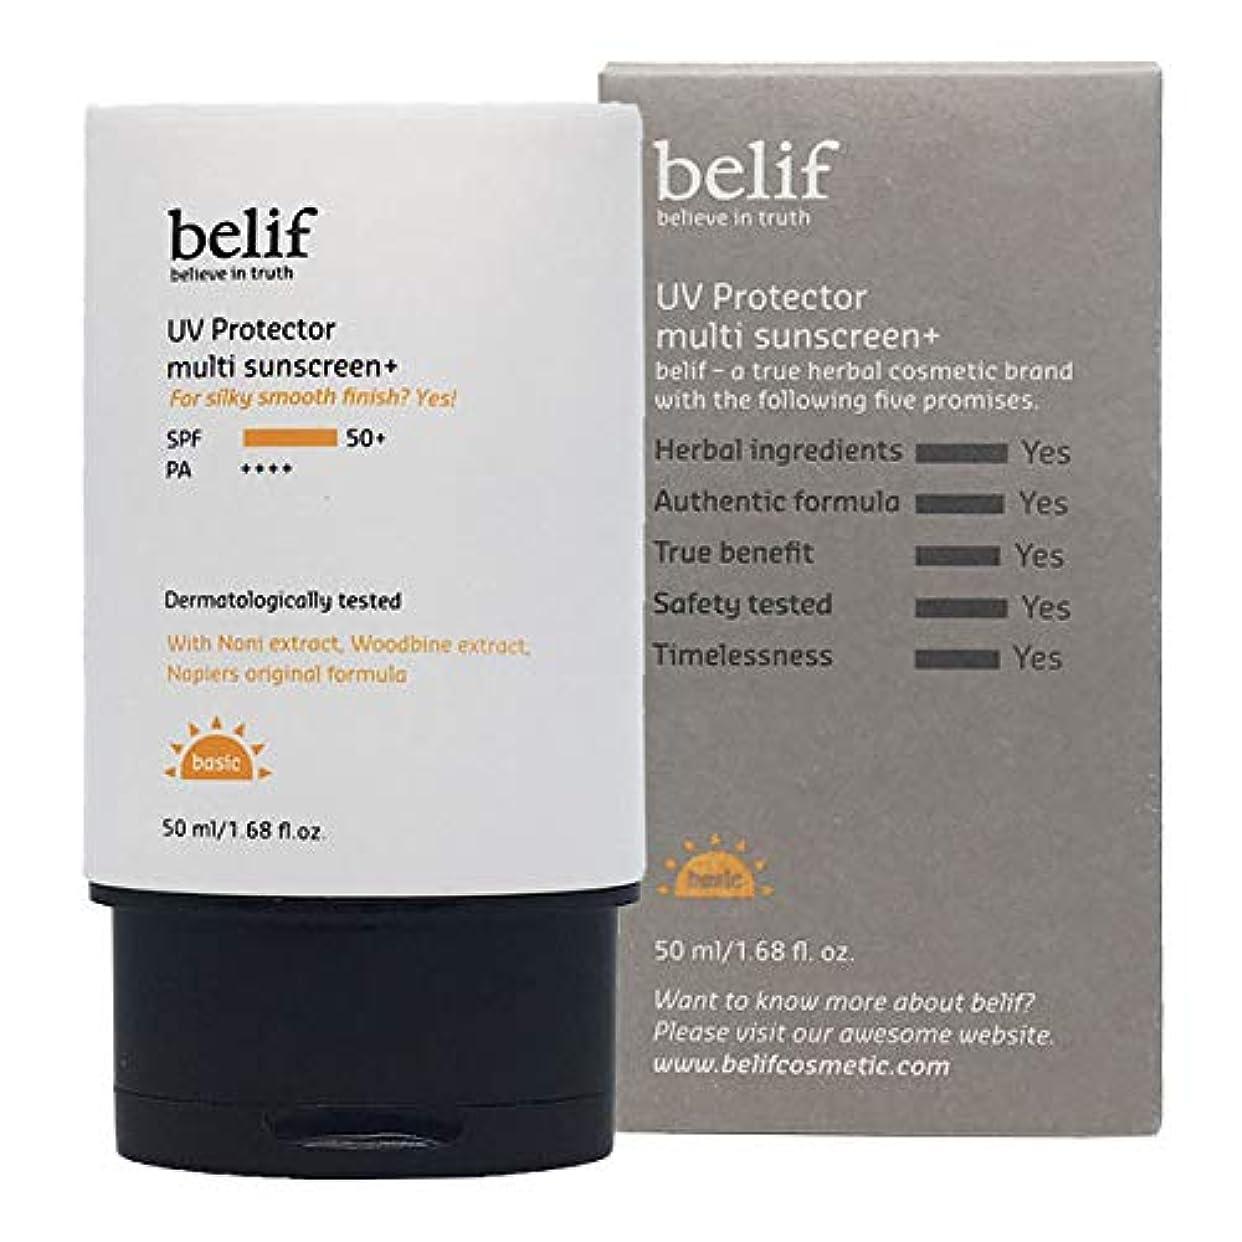 誤解を招く寄稿者と組むBelif(ビリーフ)UV Protector Multi sunscreen Plus 50ml/ビリーフUVプロテクターマルチサンスクリーン プラス